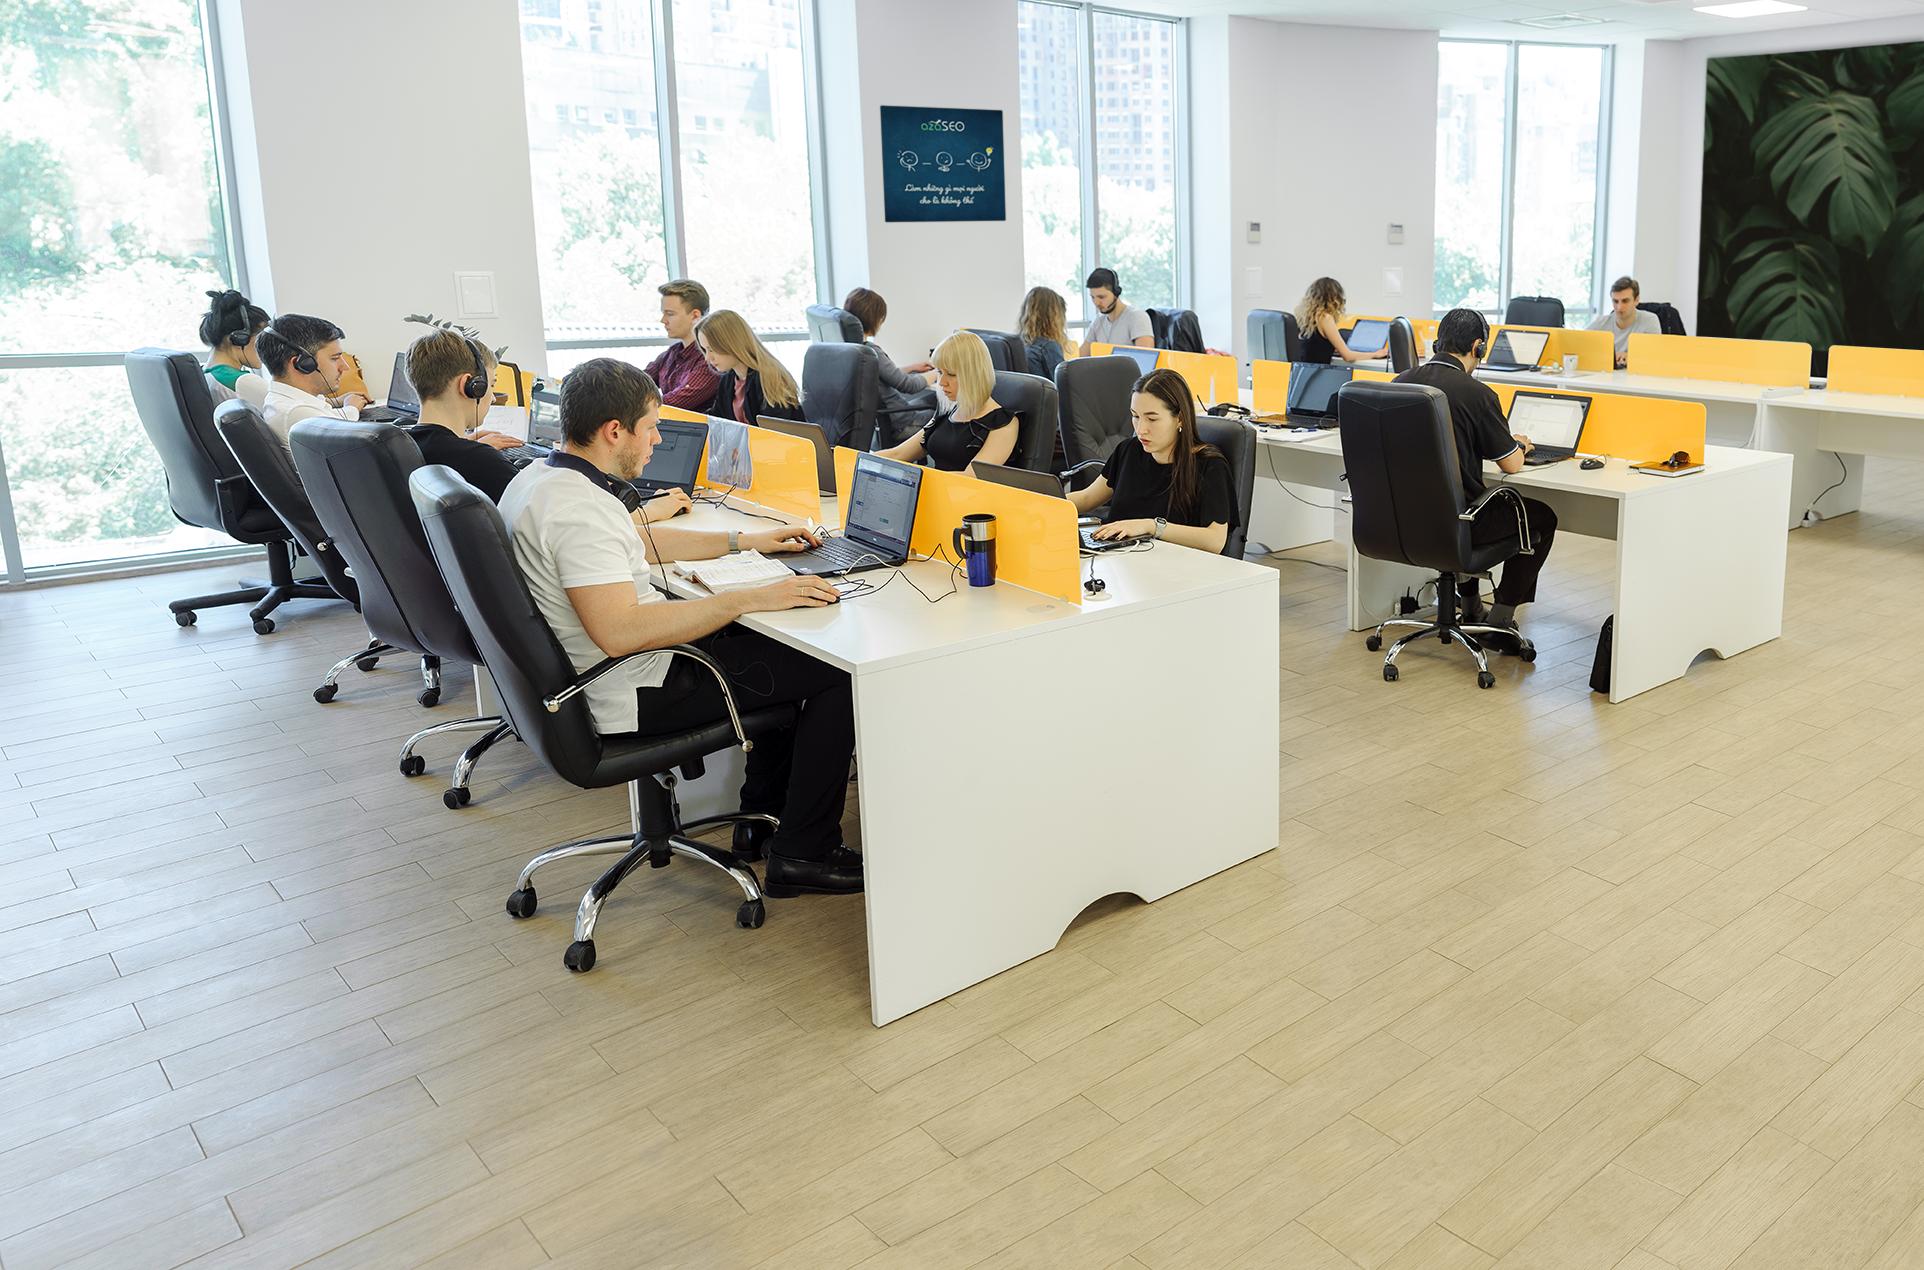 Dịch vụ SEO và những yêu cầu đối với nhân viên SEO là gì